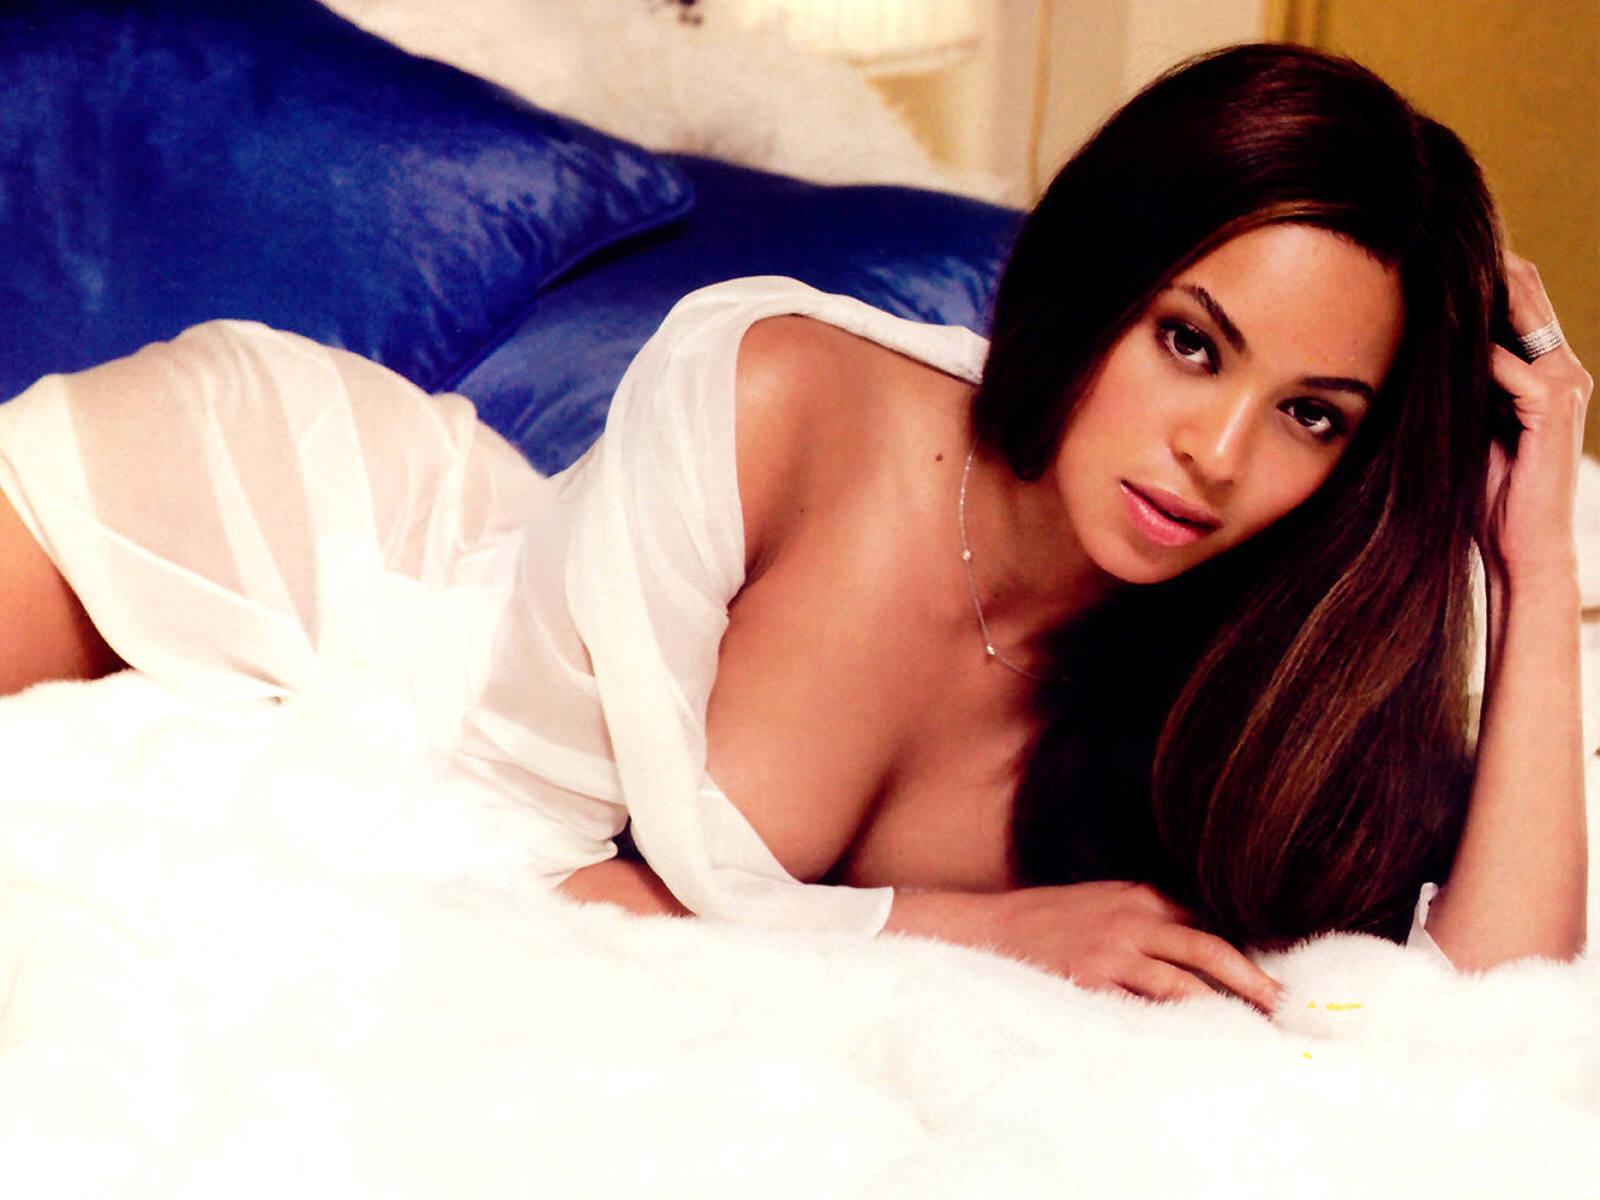 http://3.bp.blogspot.com/-GBWFk1pEpPE/Tdq8RkA5jCI/AAAAAAAAIxA/P8--idEhiHA/s1600/18122_Beyonce_Knowles_5_123_480lo.jpg